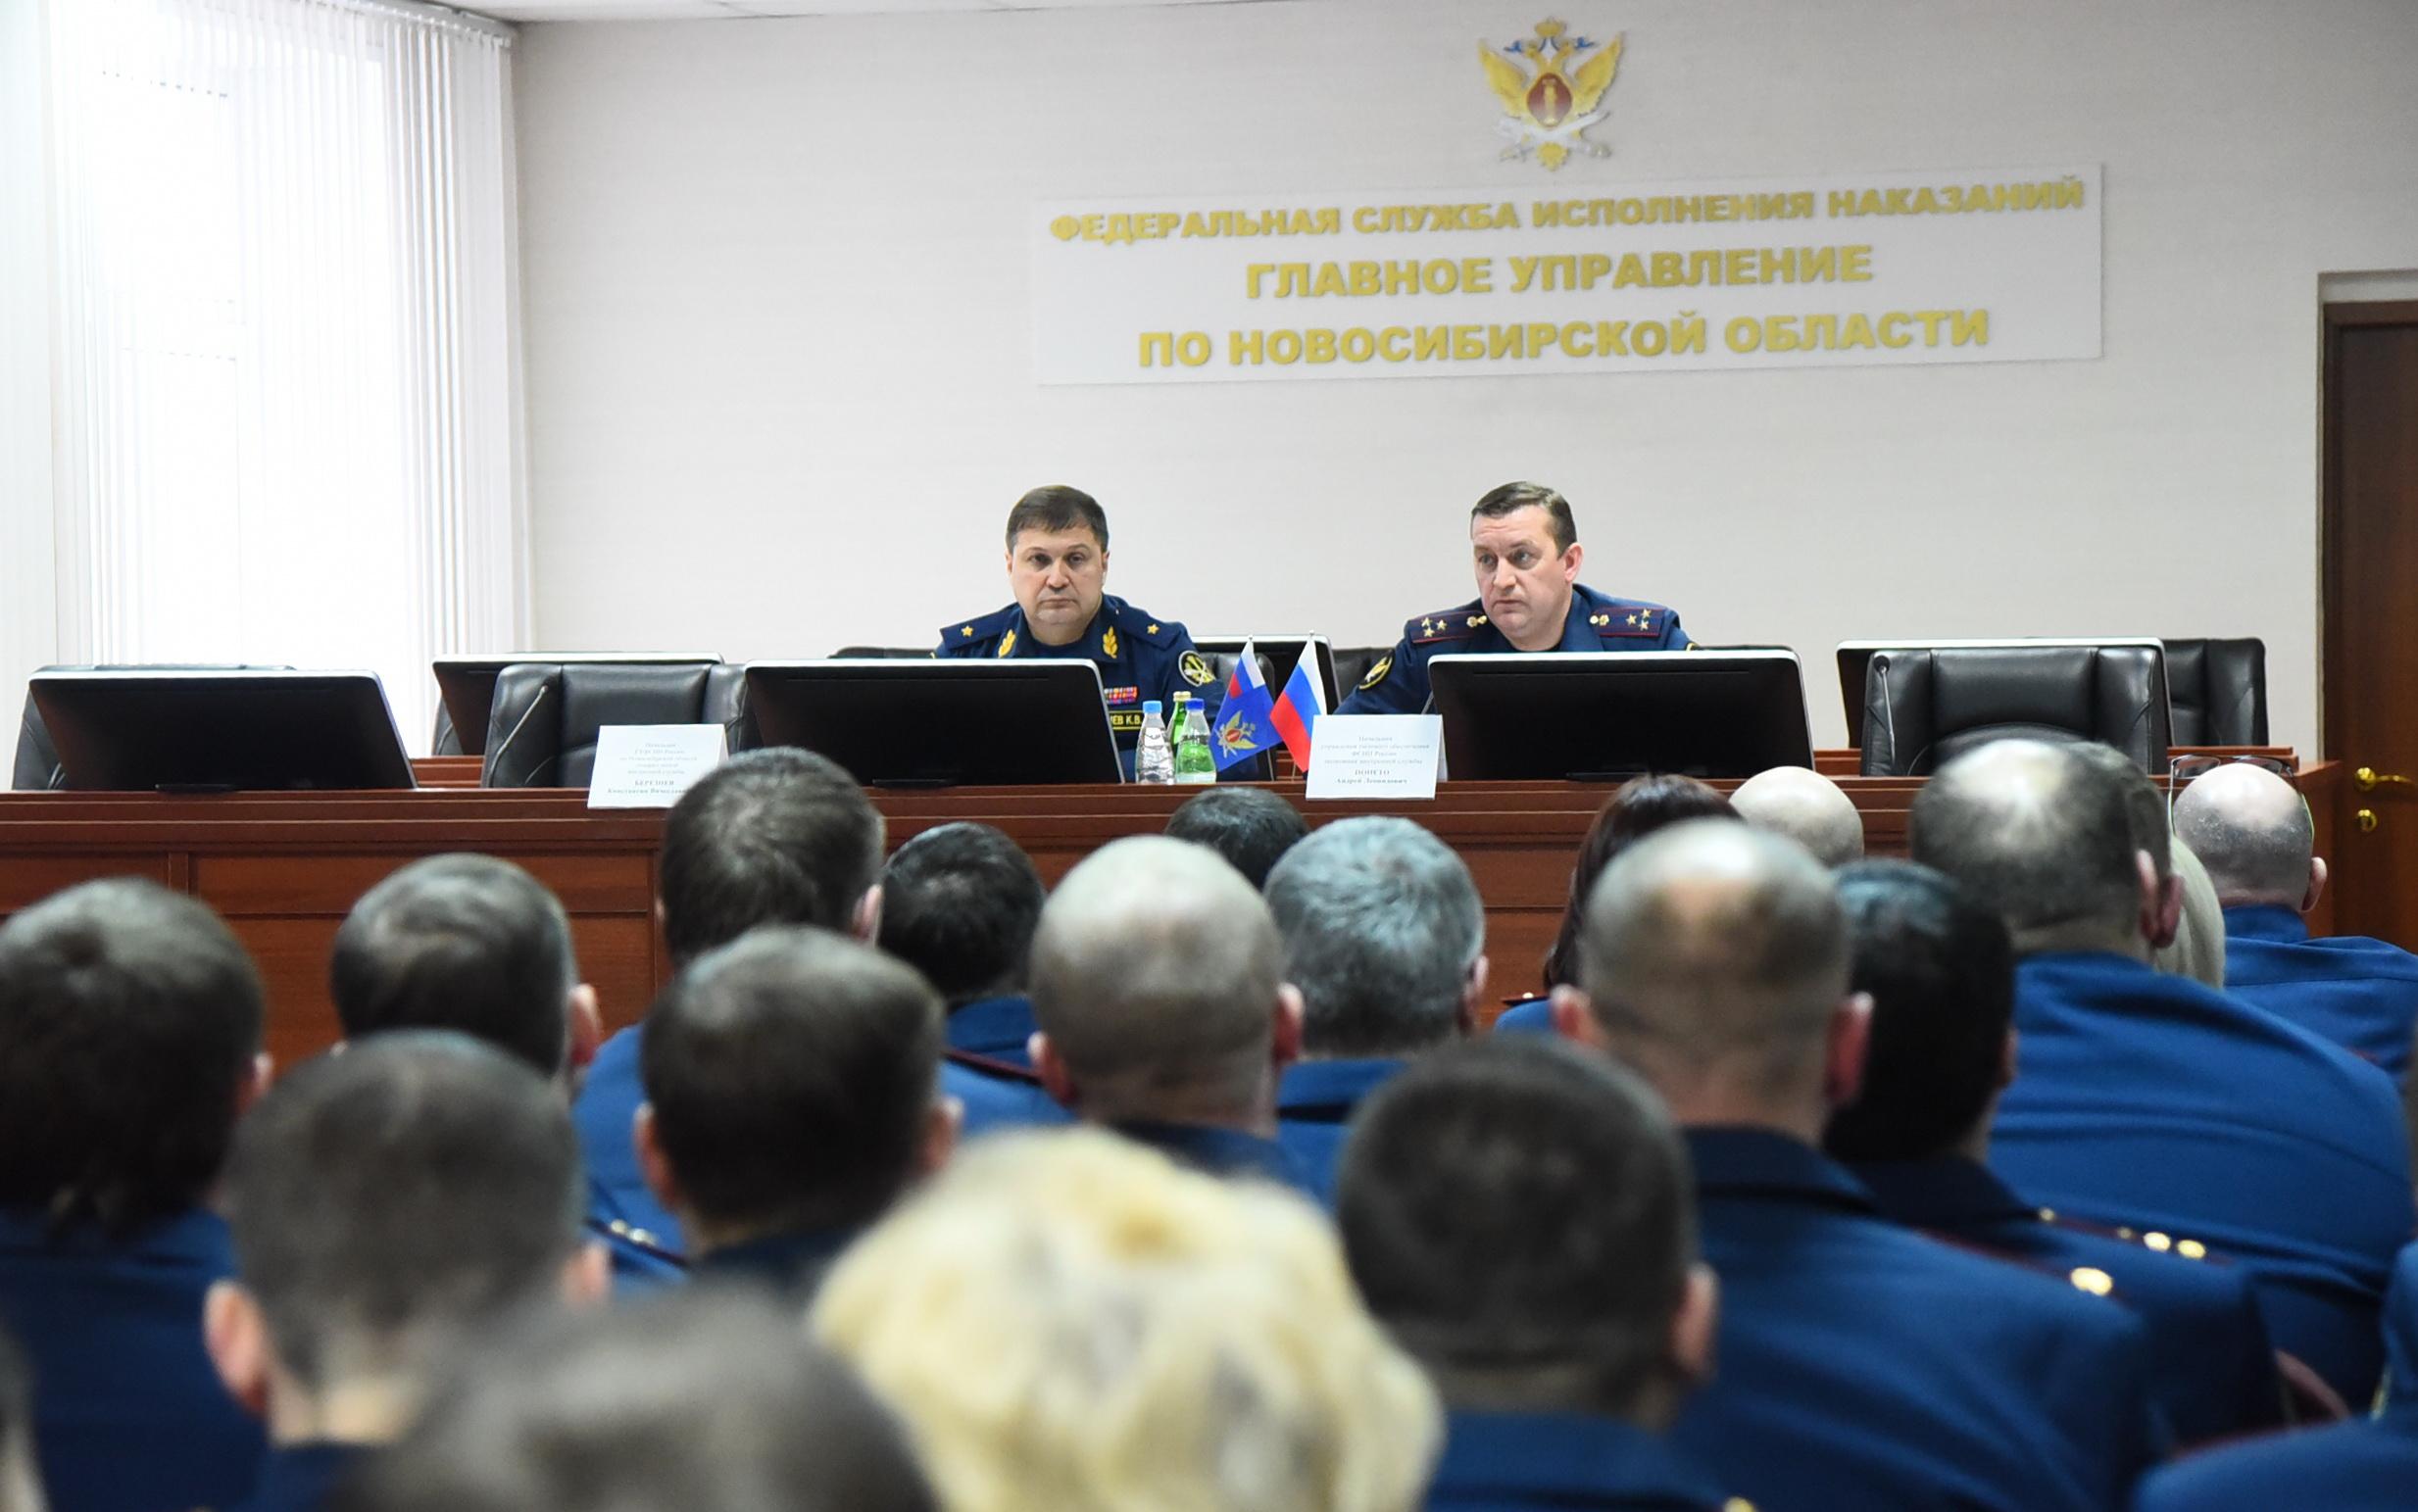 Новости в алакуртти мурманской области